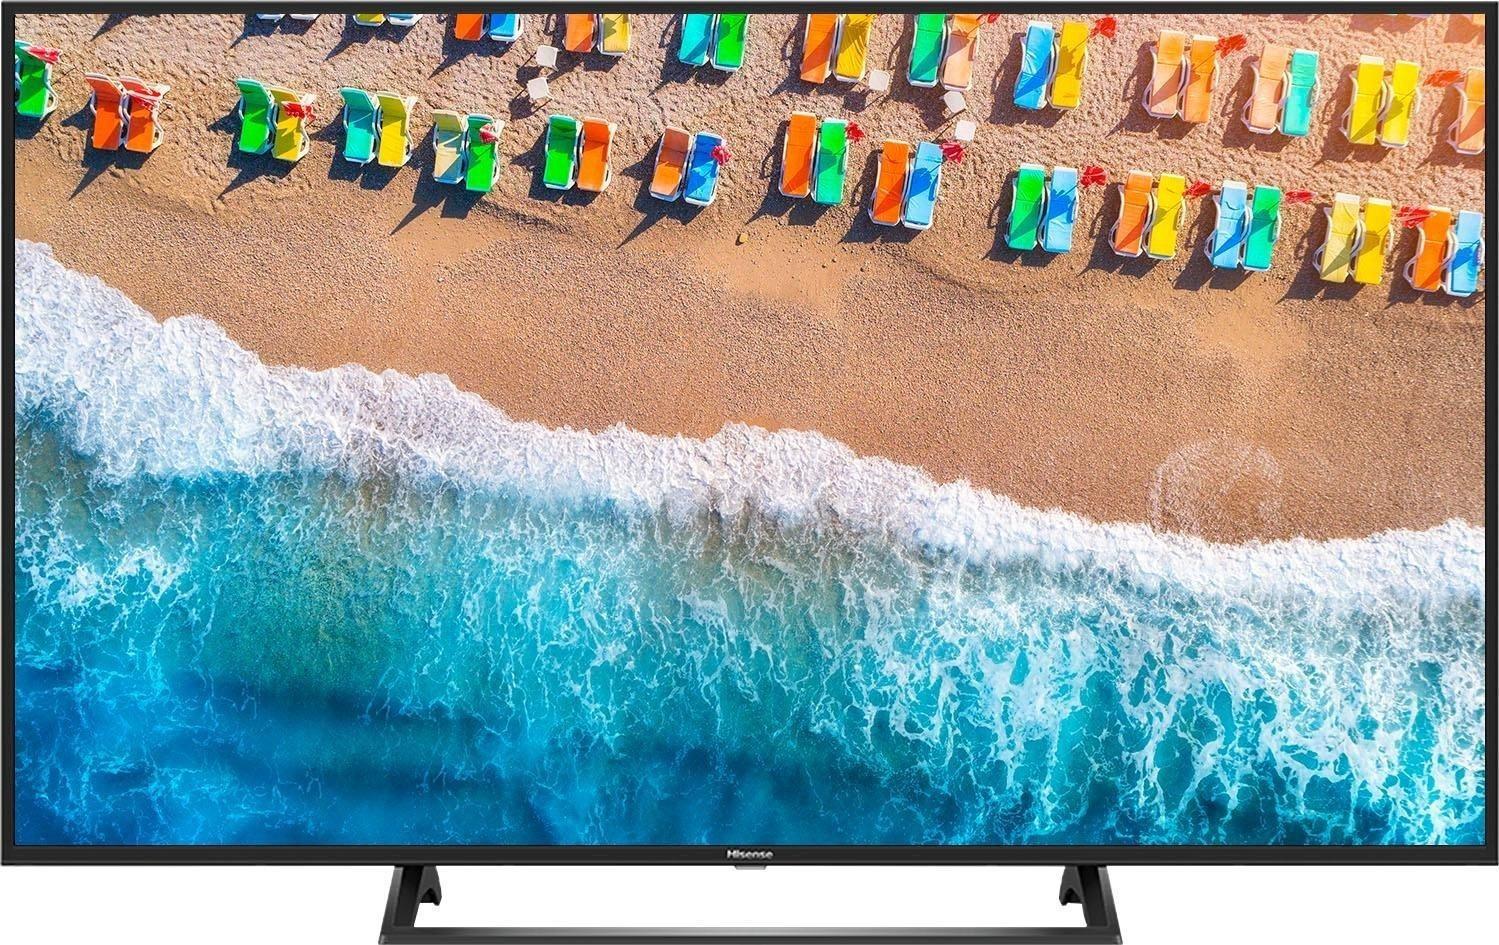 Hisense H65BE7200 163cm 65 Zoll 4K UHD Smart TV für 499€ / 138cm 55 Zoll für 349€ / 108cm 43 Zoll für 249€ inkl. Versandkosten